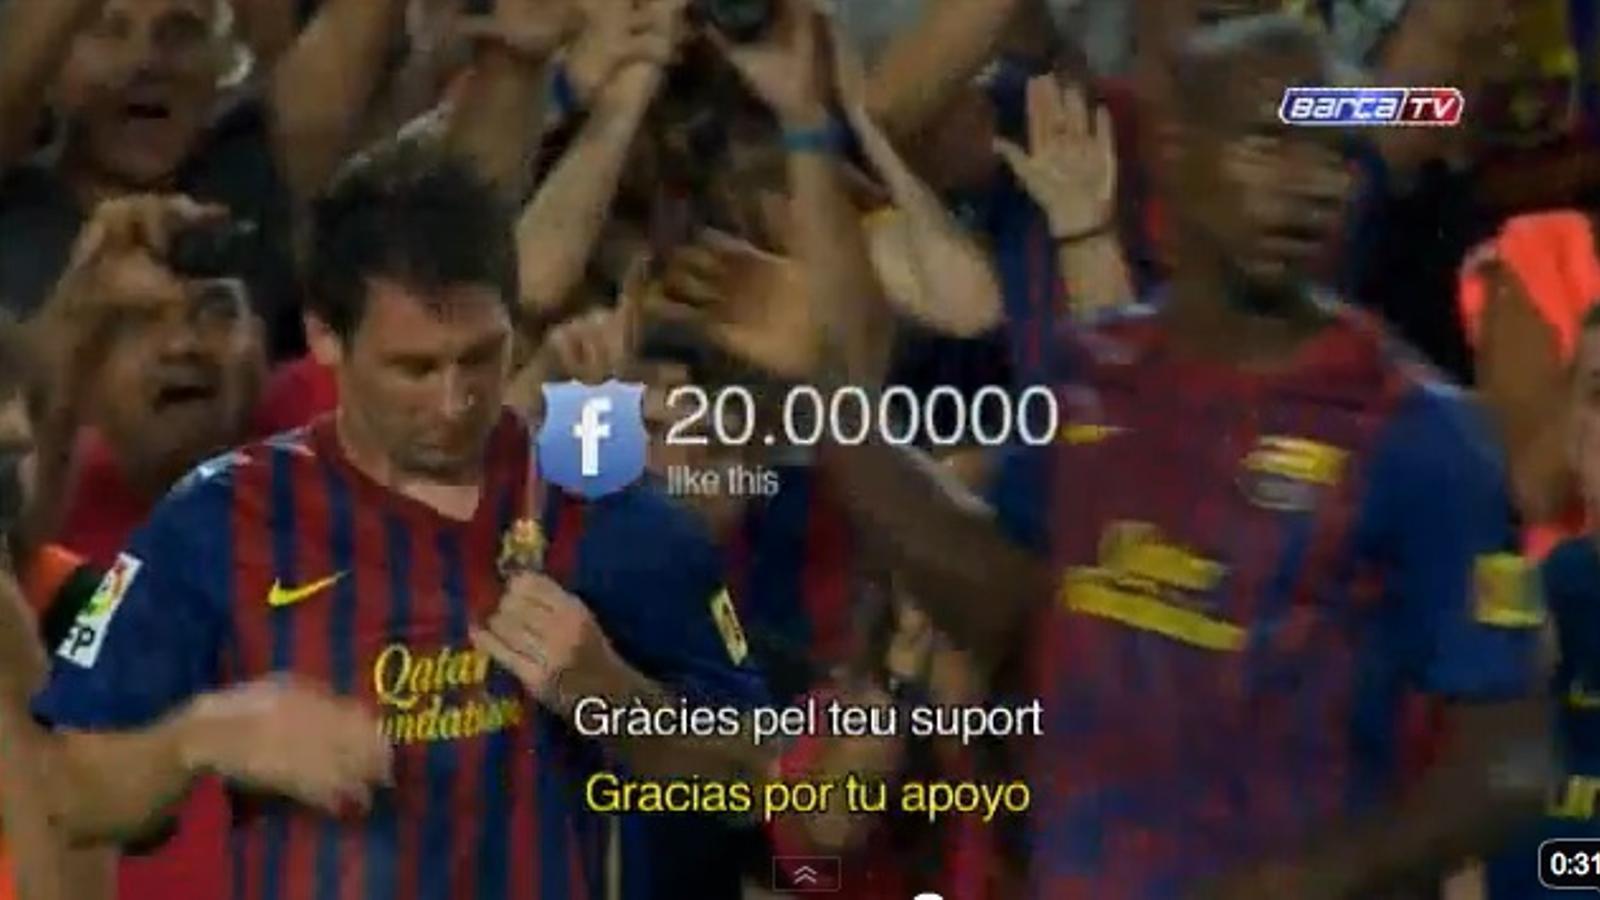 El Barça assoleix els 20 milions de seguidors a Facebook